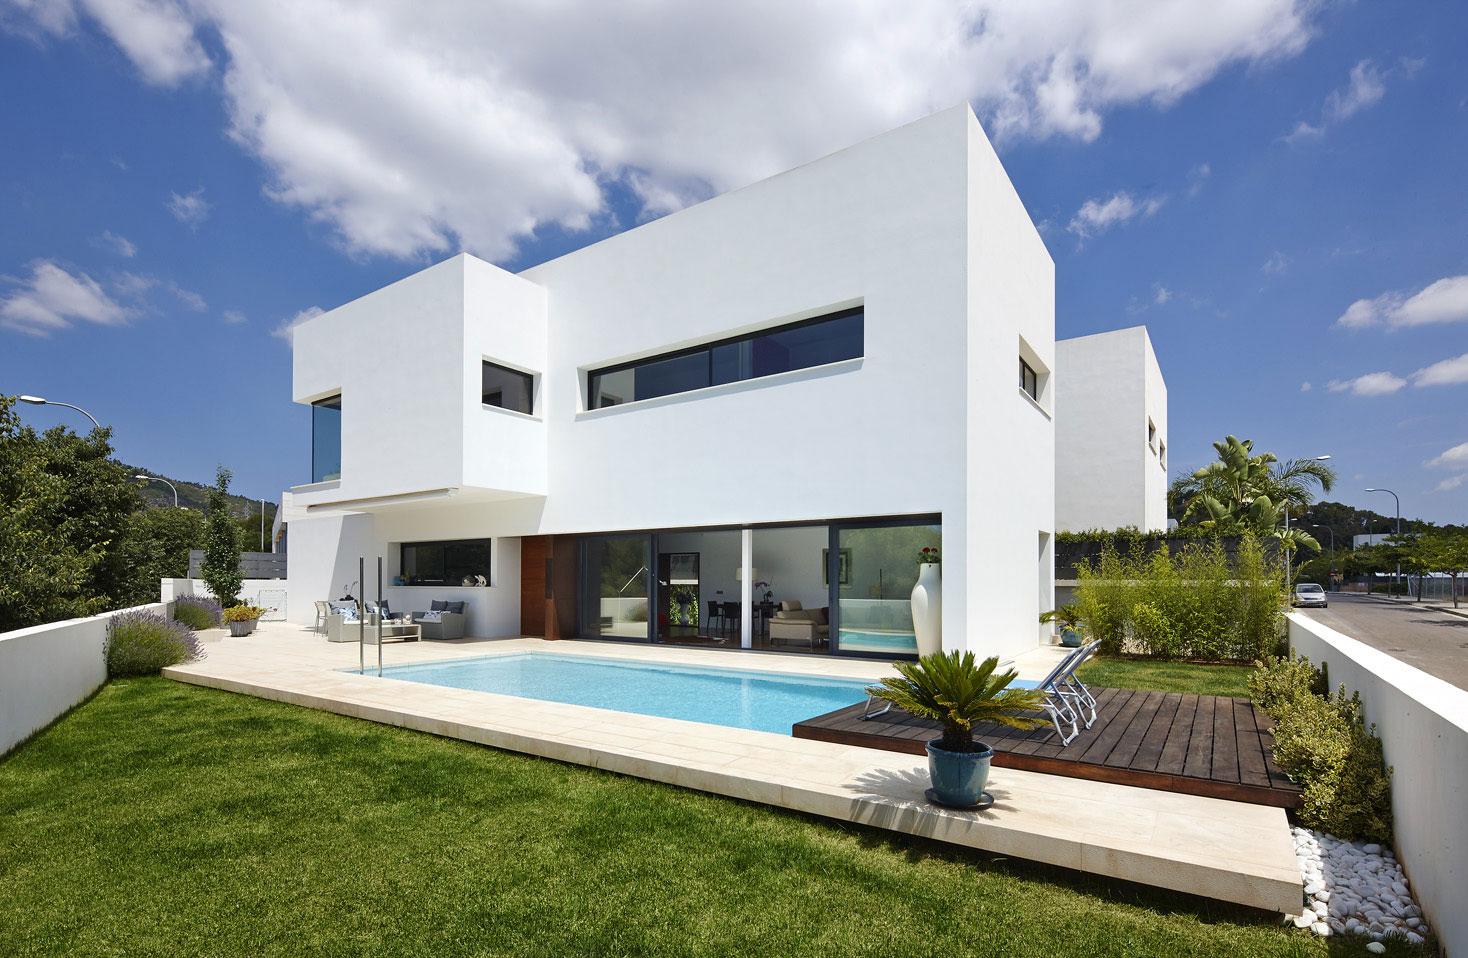 Двухэтажный загородный дом с лаконичной архитектурой